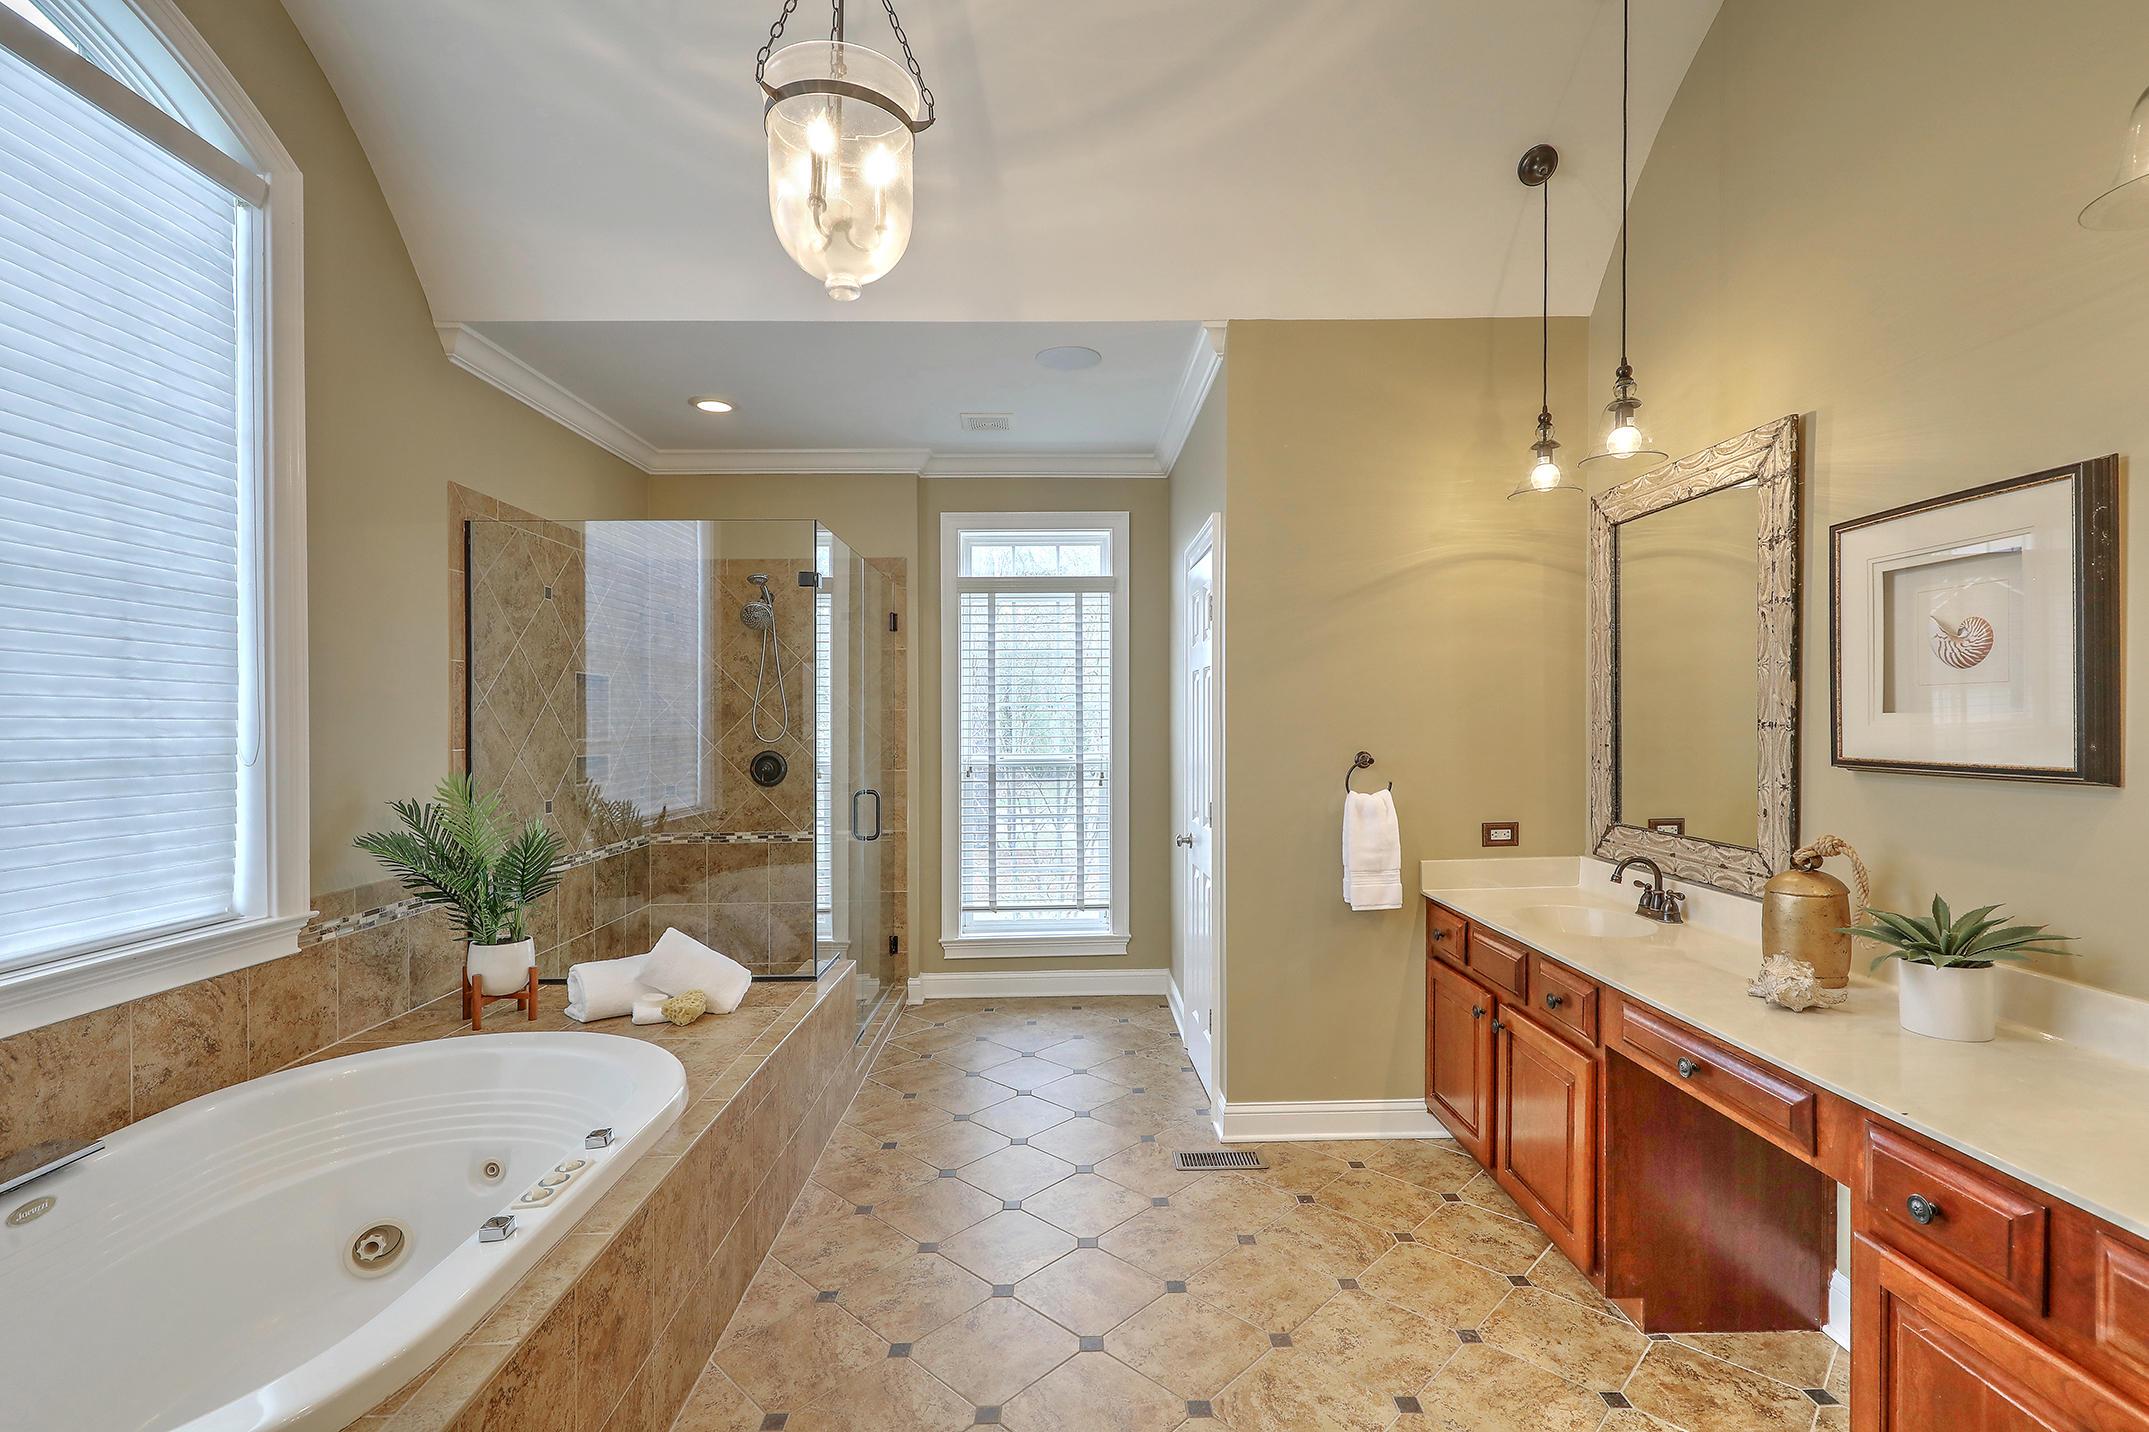 Dunes West Homes For Sale - 2817 Oak Manor, Mount Pleasant, SC - 23